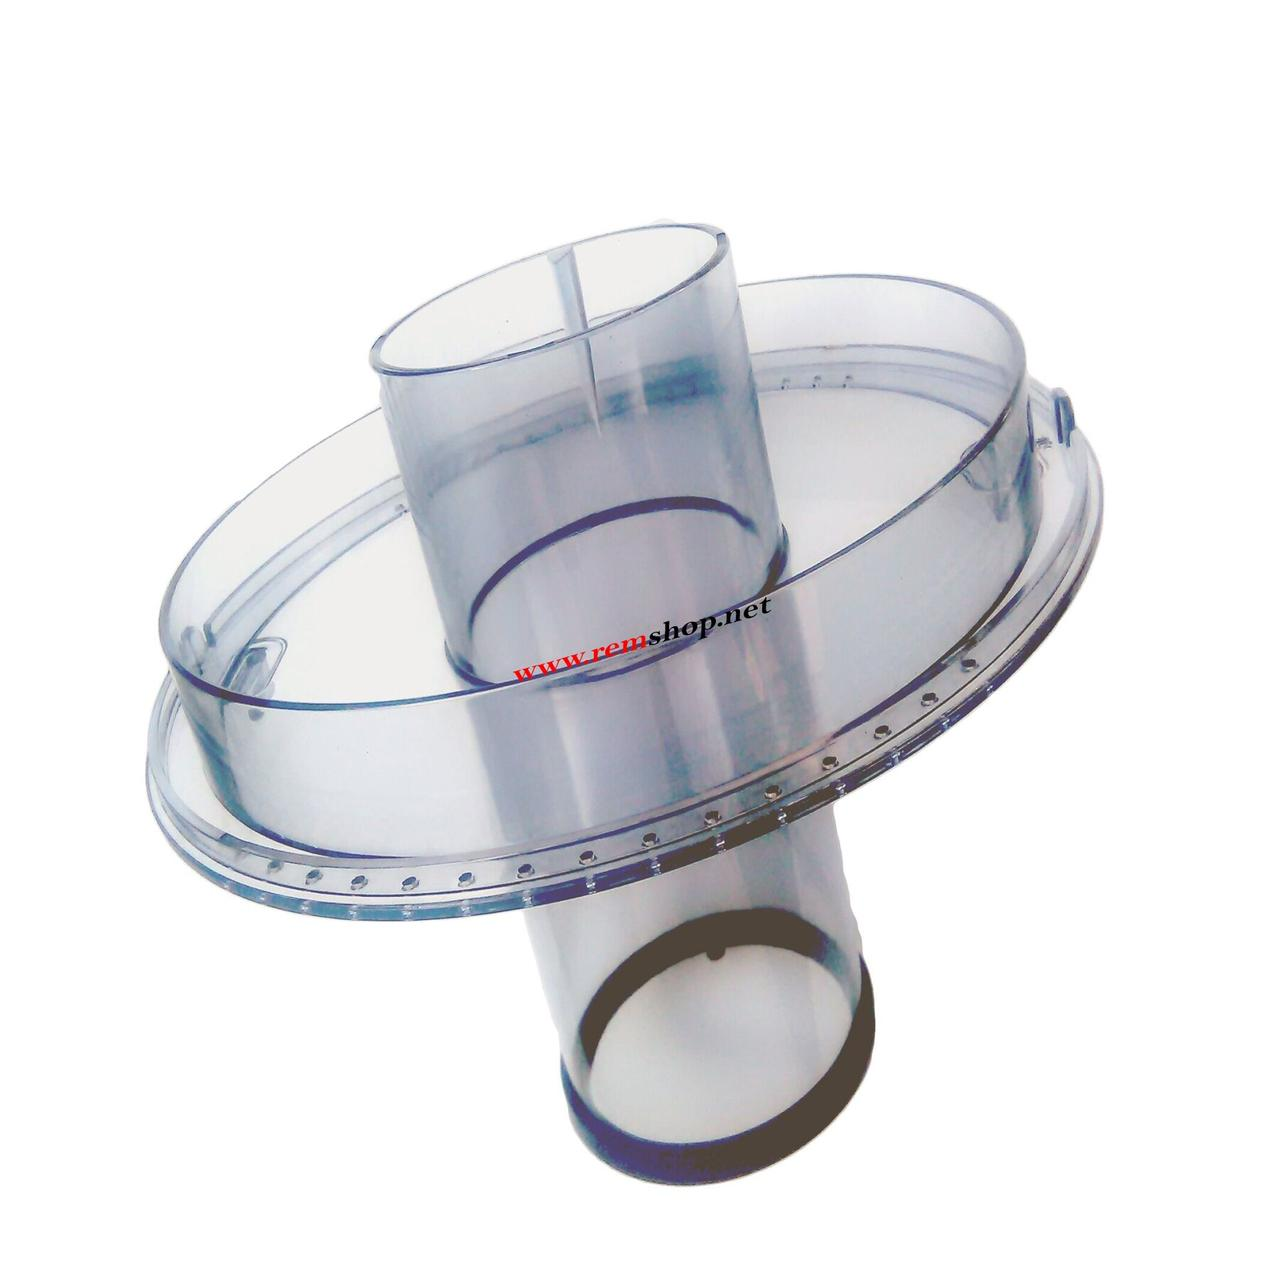 Крышка чаши соковыжималки кухонного комбайна Gorenje 405478